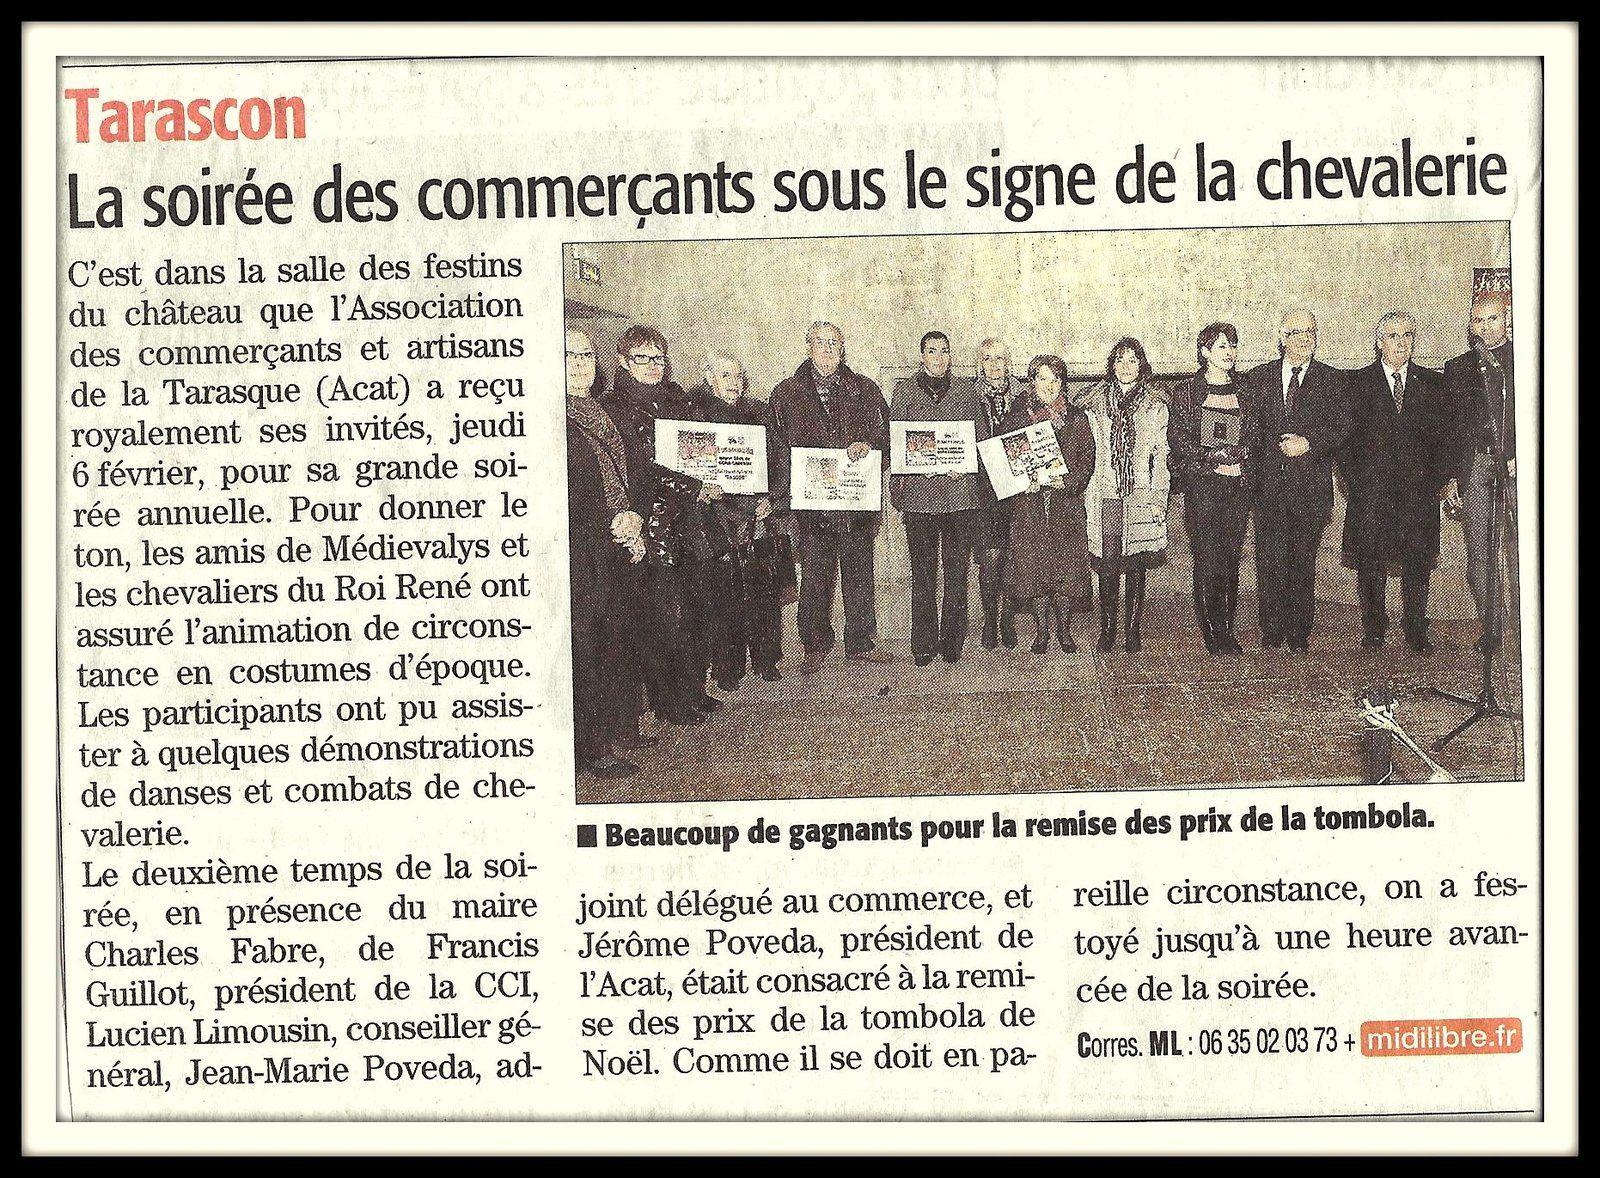 Articles de presse quotidienne régionale de l'Association des Commerçants & Artisans de la Tarasque